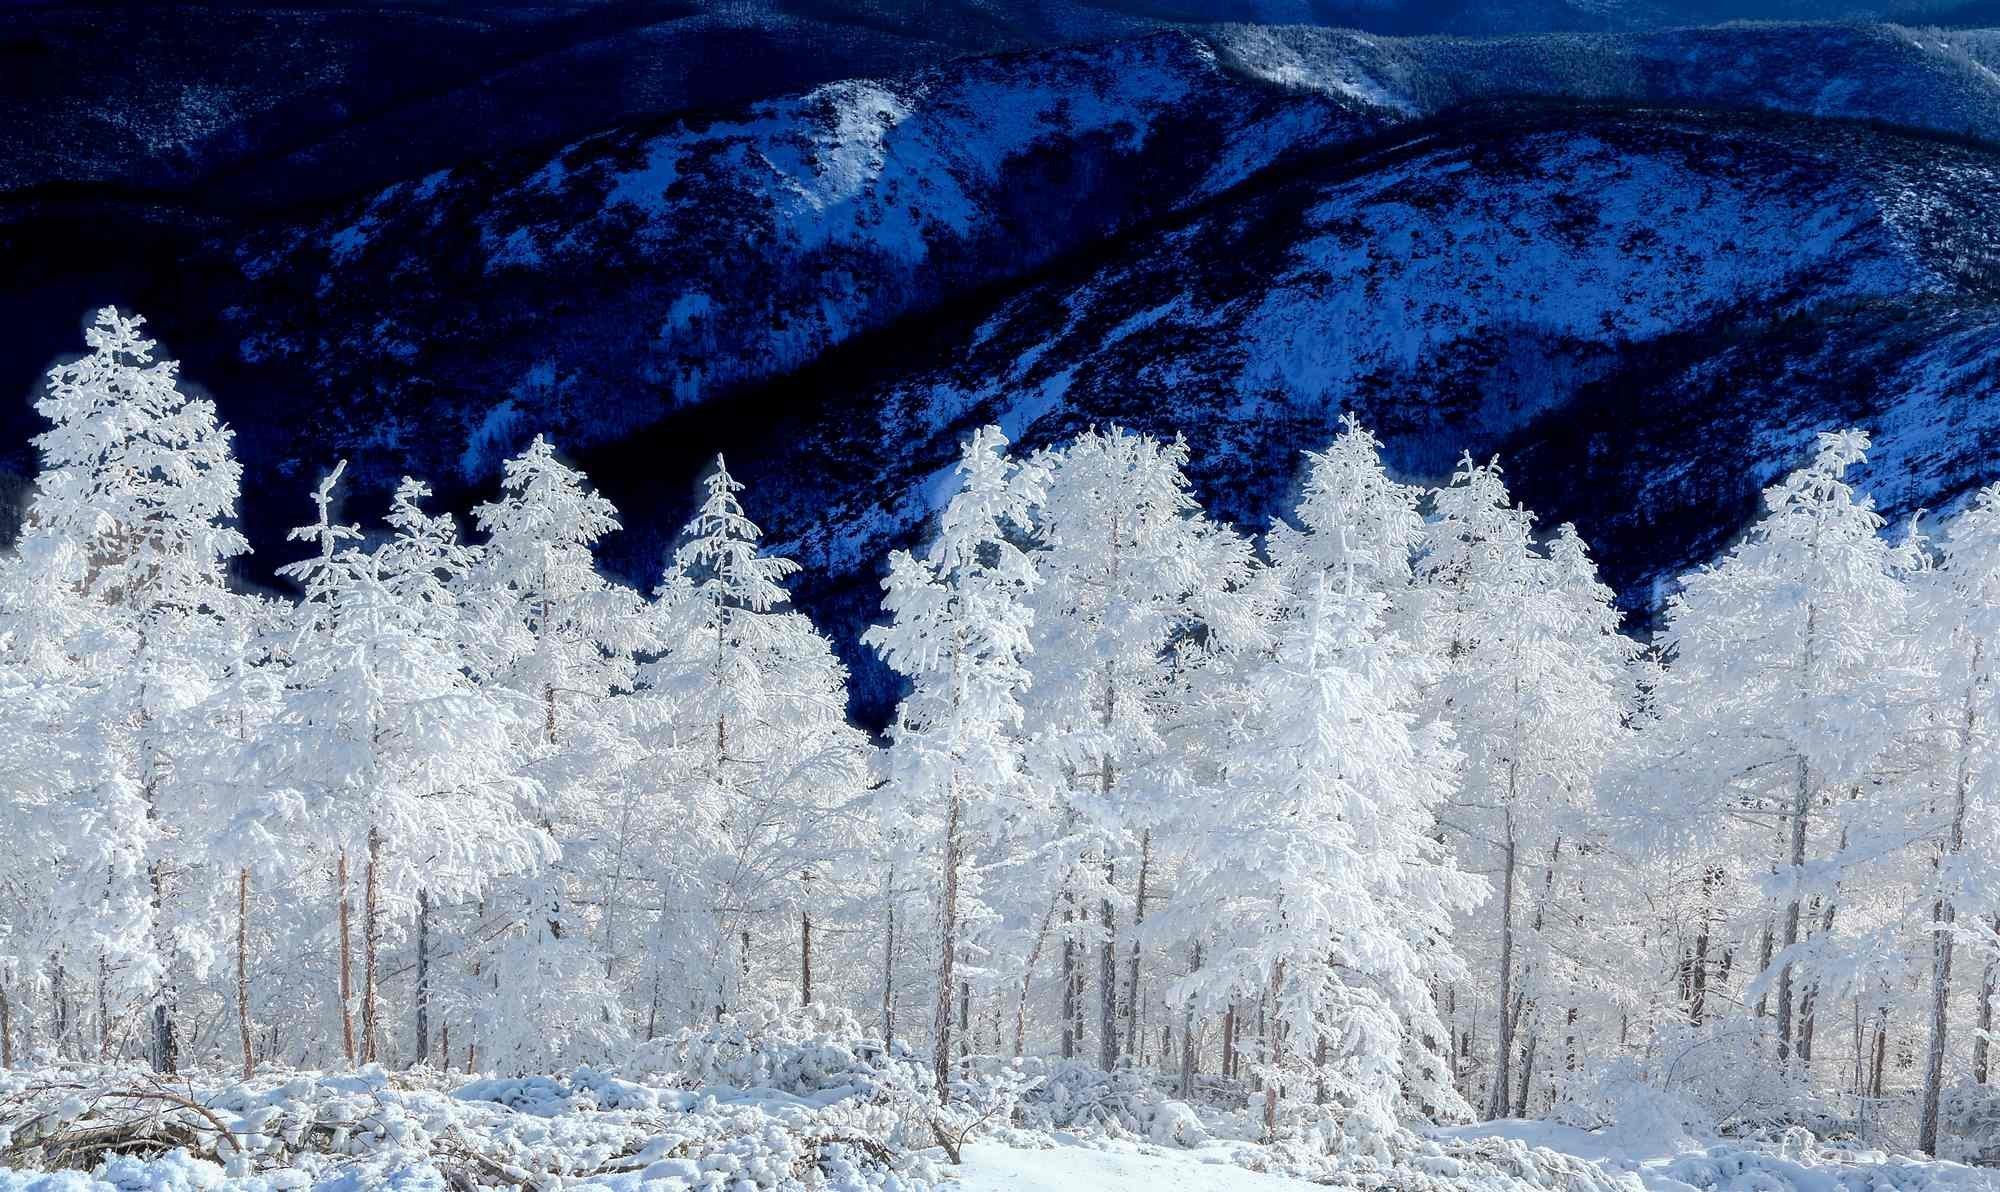 中国最冷的城镇:一年最低温达-53.2℃,窗户比防弹玻璃还要厚! 作者: 来源:李不言说旅游